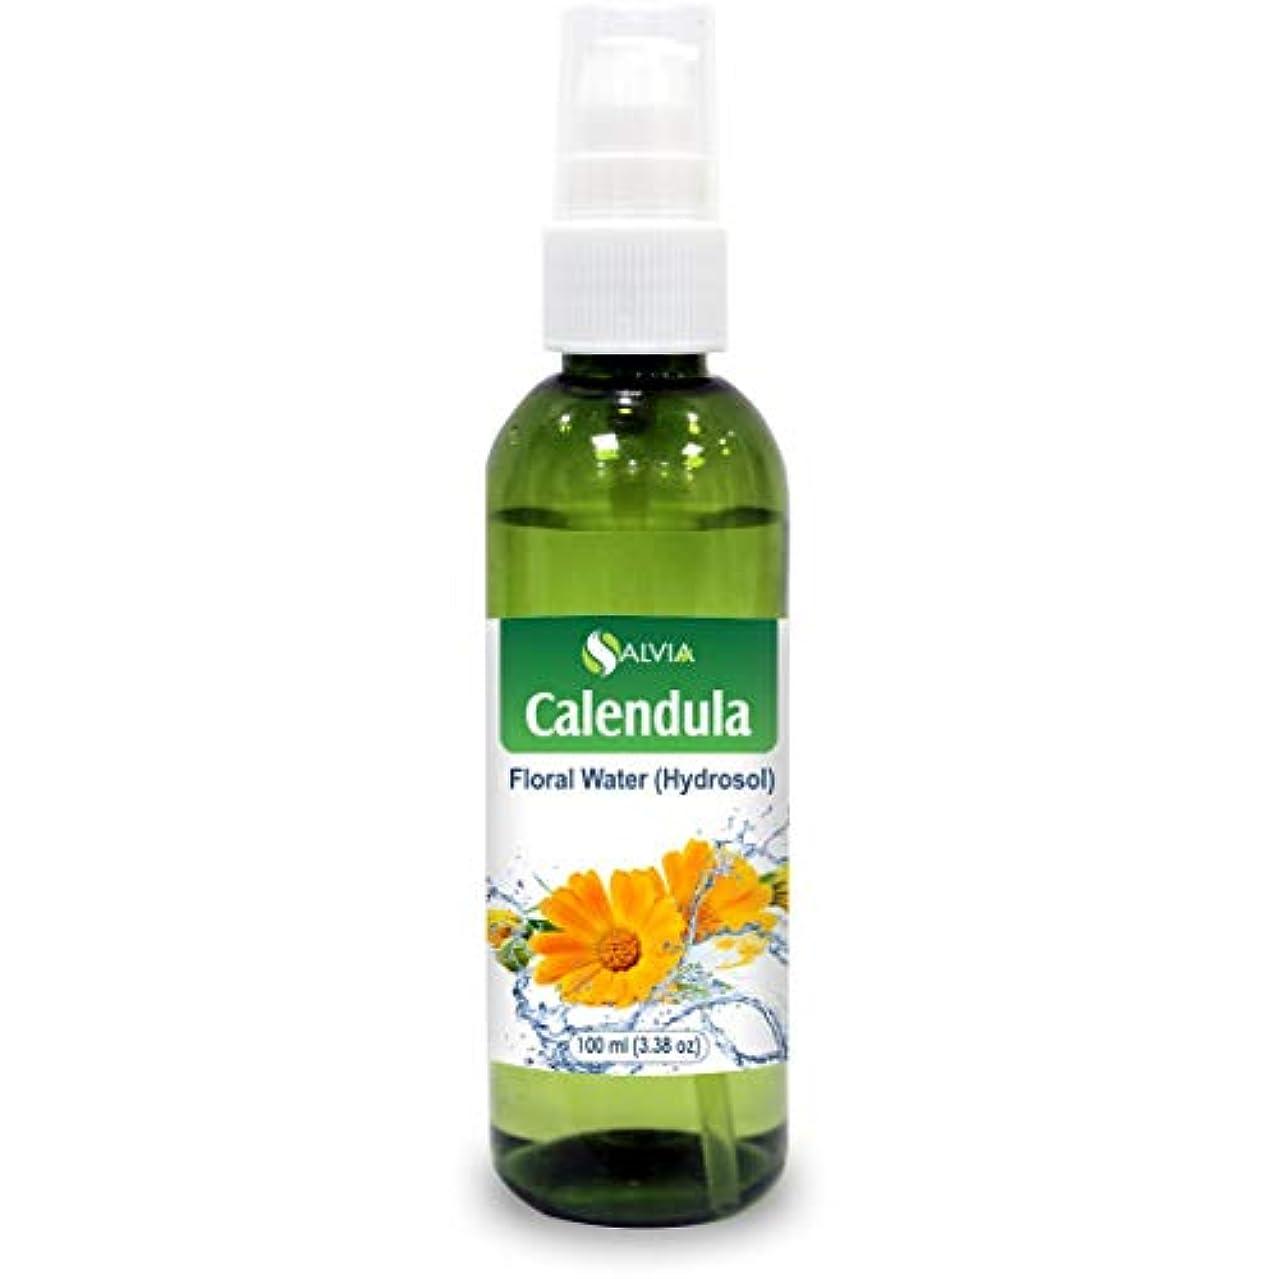 ホステス歌詞マイクロフォンCalendula Floral Floral Water 100ml (Hydrosol) 100% Pure And Natural